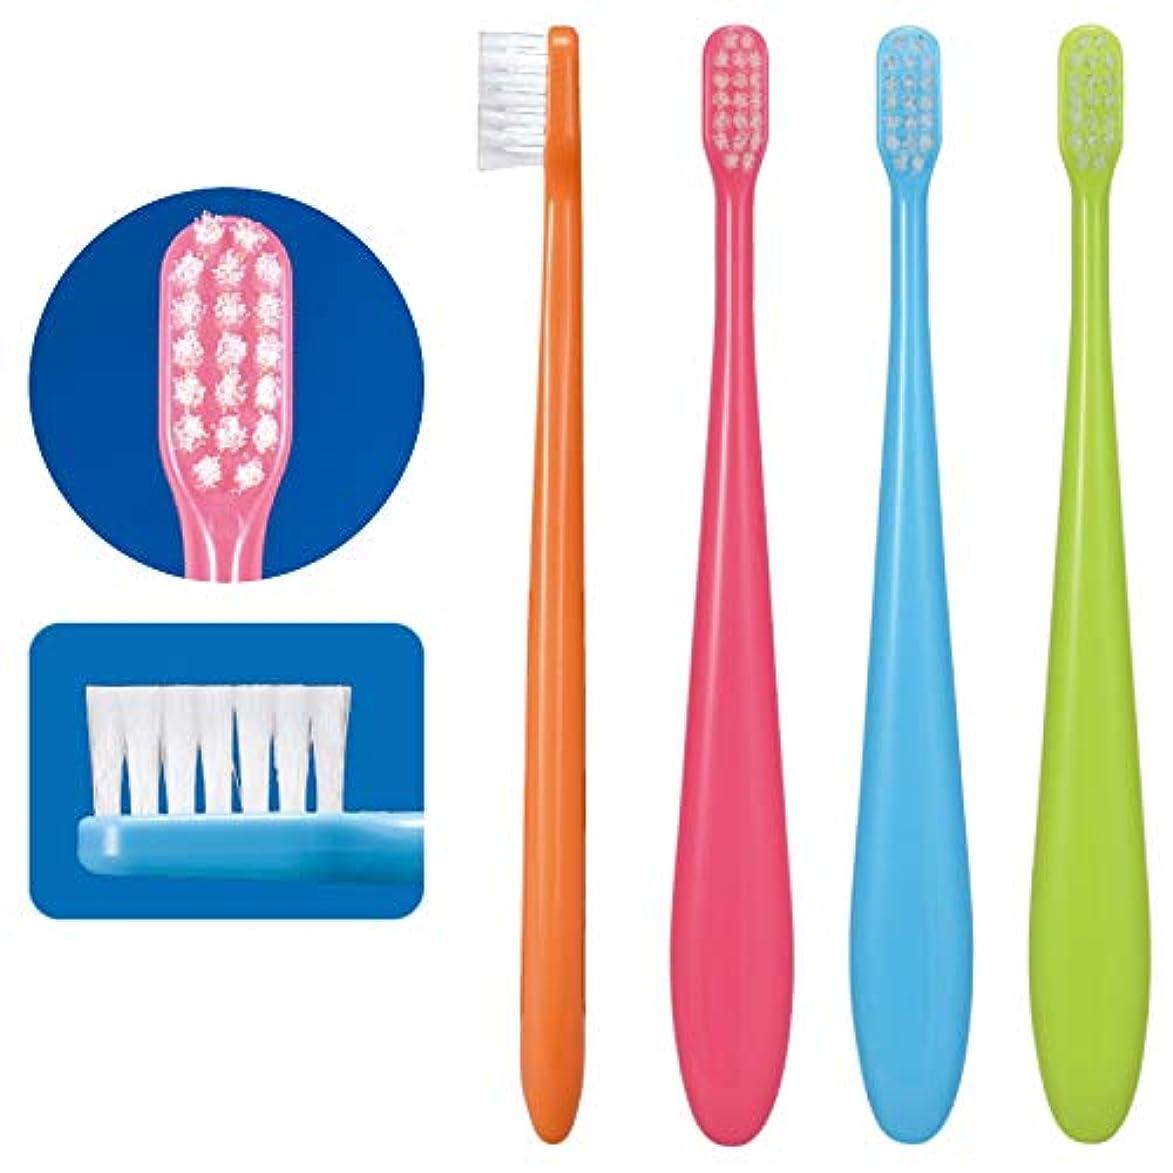 ガムつかむ三番Ci ミニ歯ブラシ ミディミルキー 20本 M(ふつう) 歯科専売品 日本製